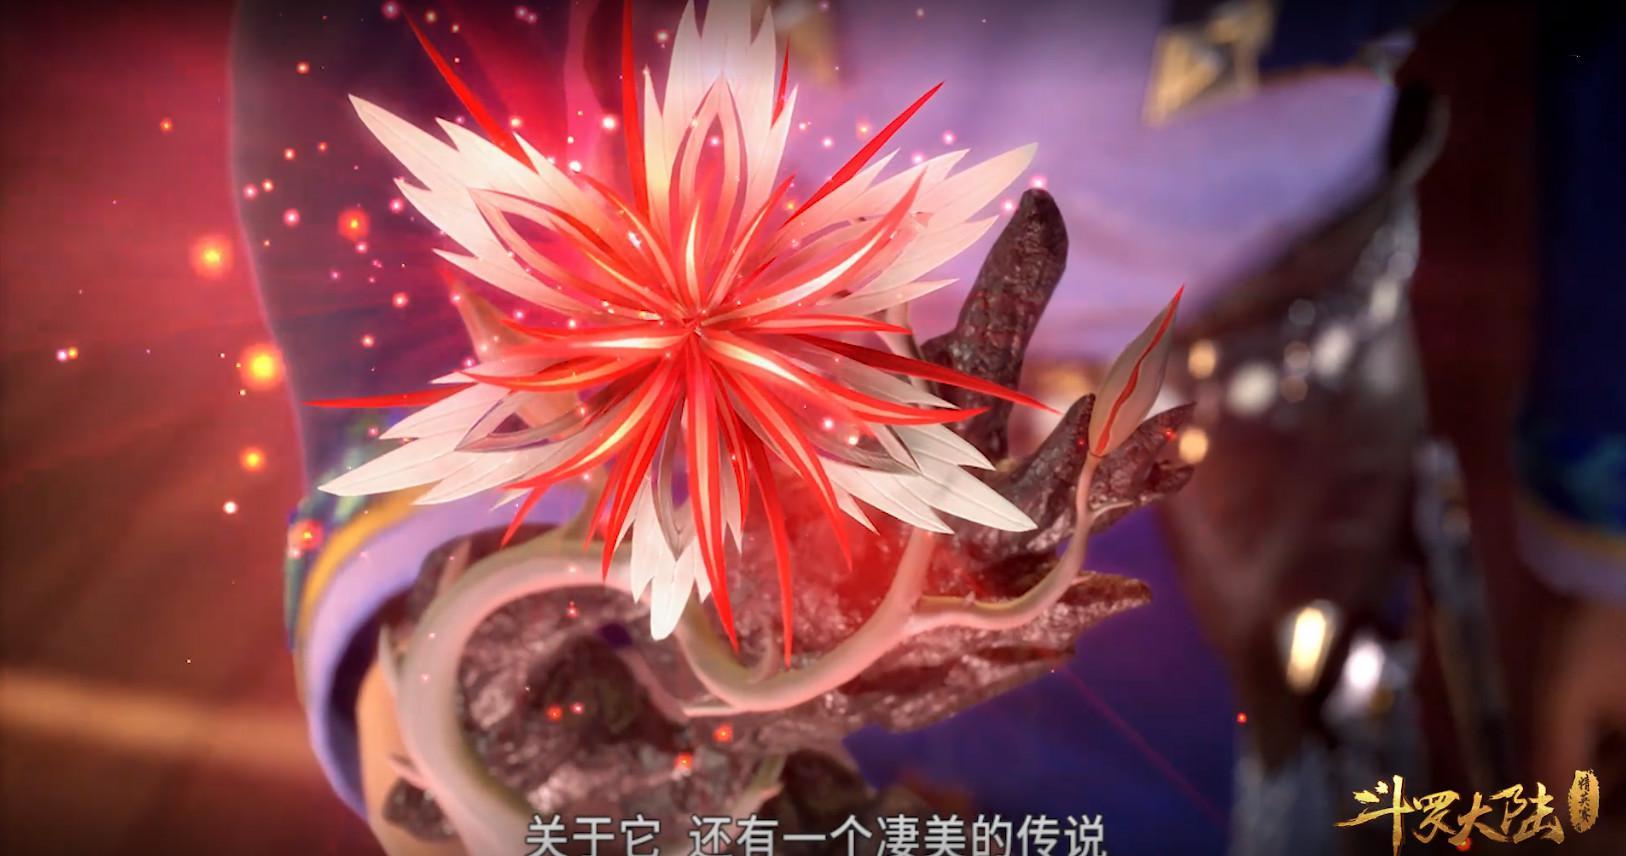 斗罗大陆:小舞的天赋仅次于唐三 为何要幻化成人 深夜动漫 图5